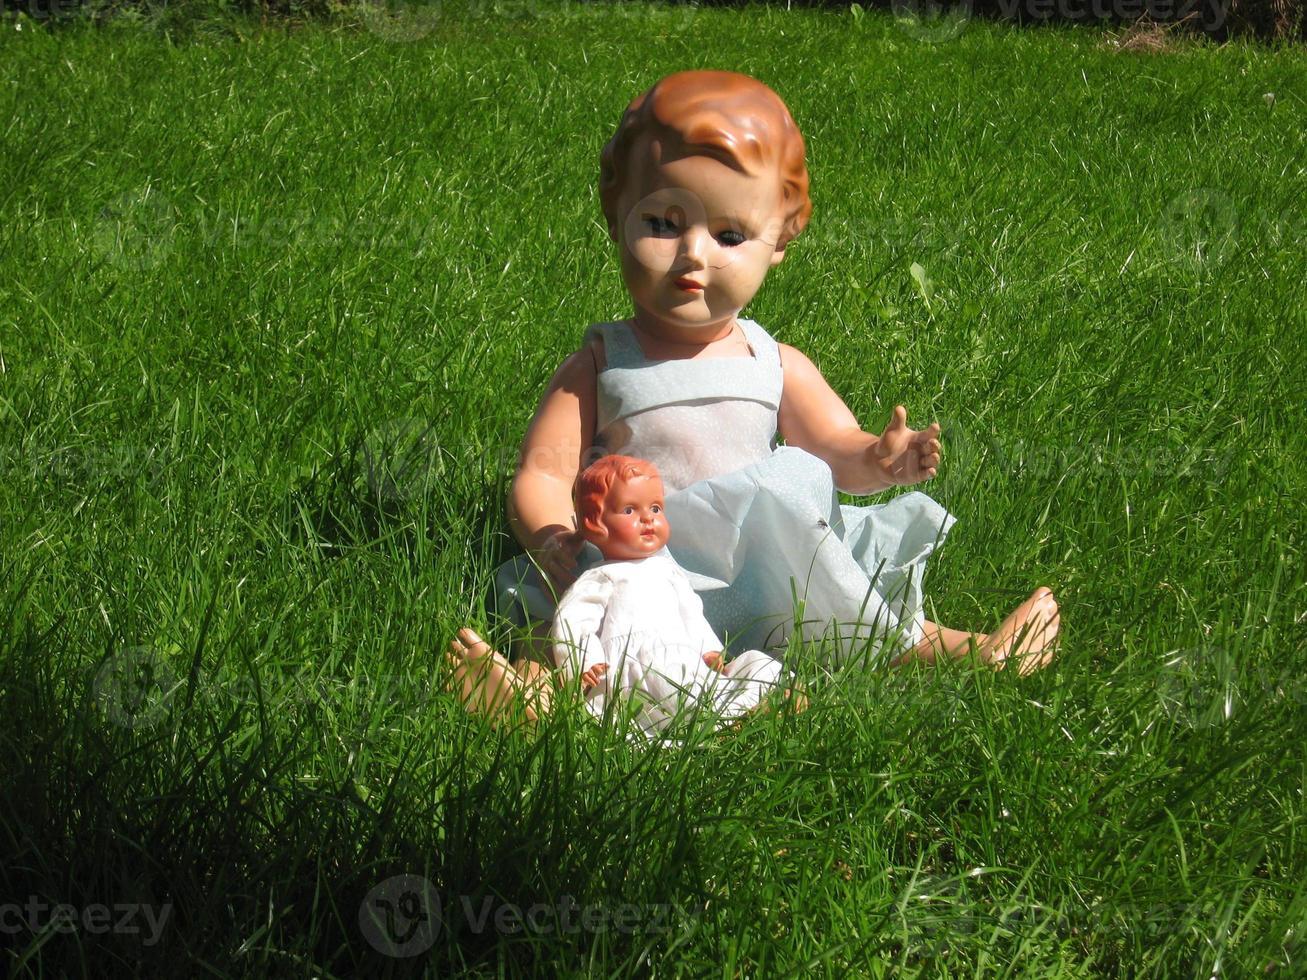 Puppen genießen die Sonne im Gras foto